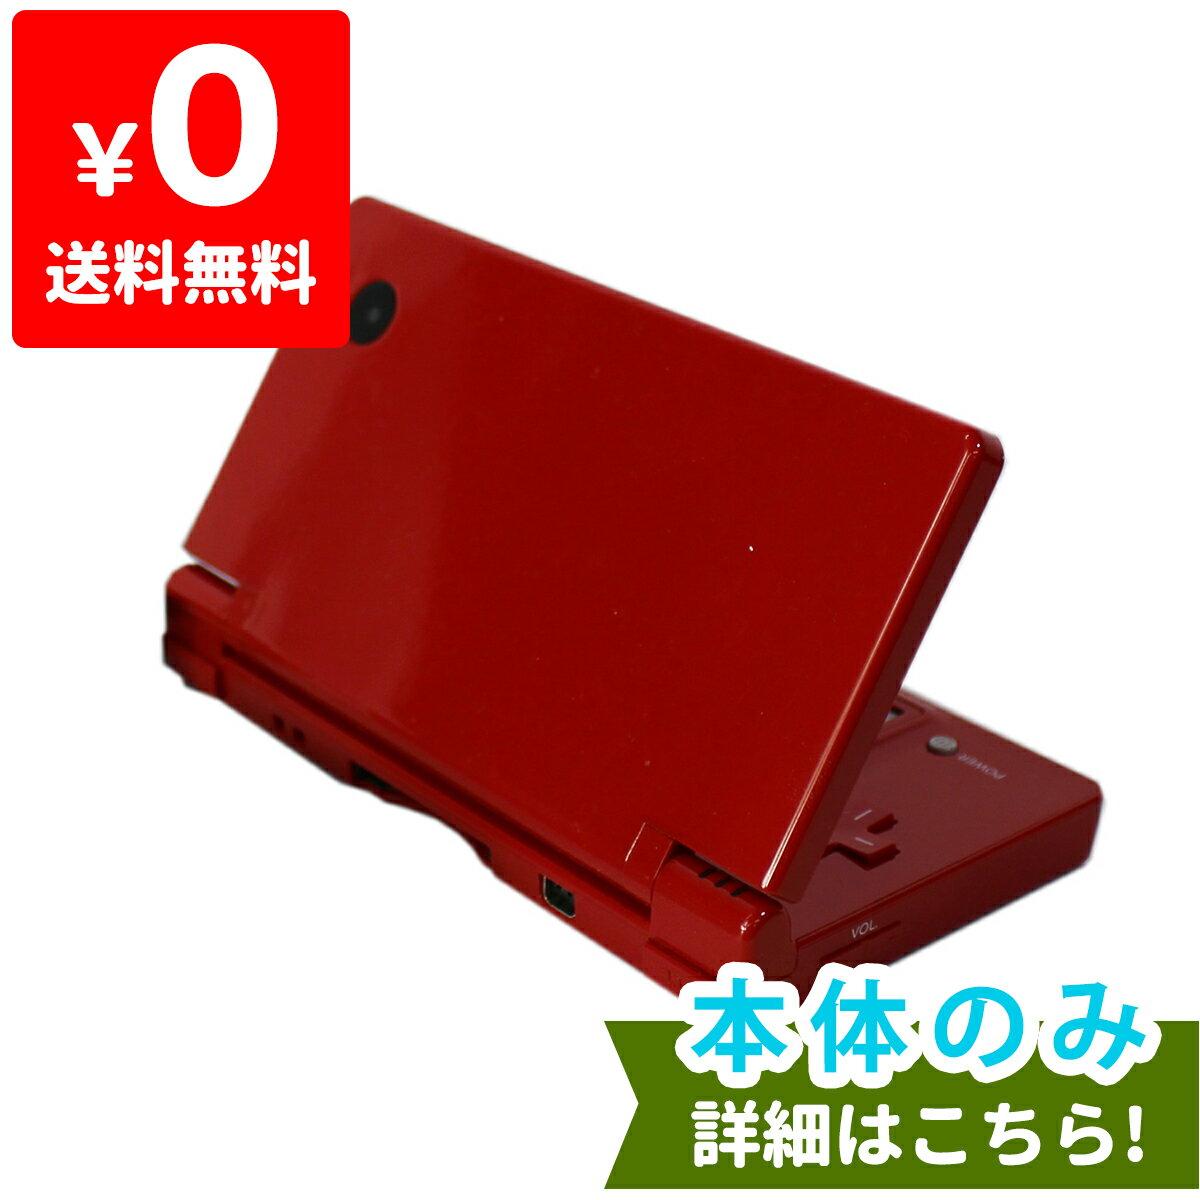 DSi ニンテンドーDsi ニンテンドーDSi レッド 本体のみ 本体単品 Nintendo 任天堂 ニンテンドー 中古 4902370517200 送料無料 【中古】